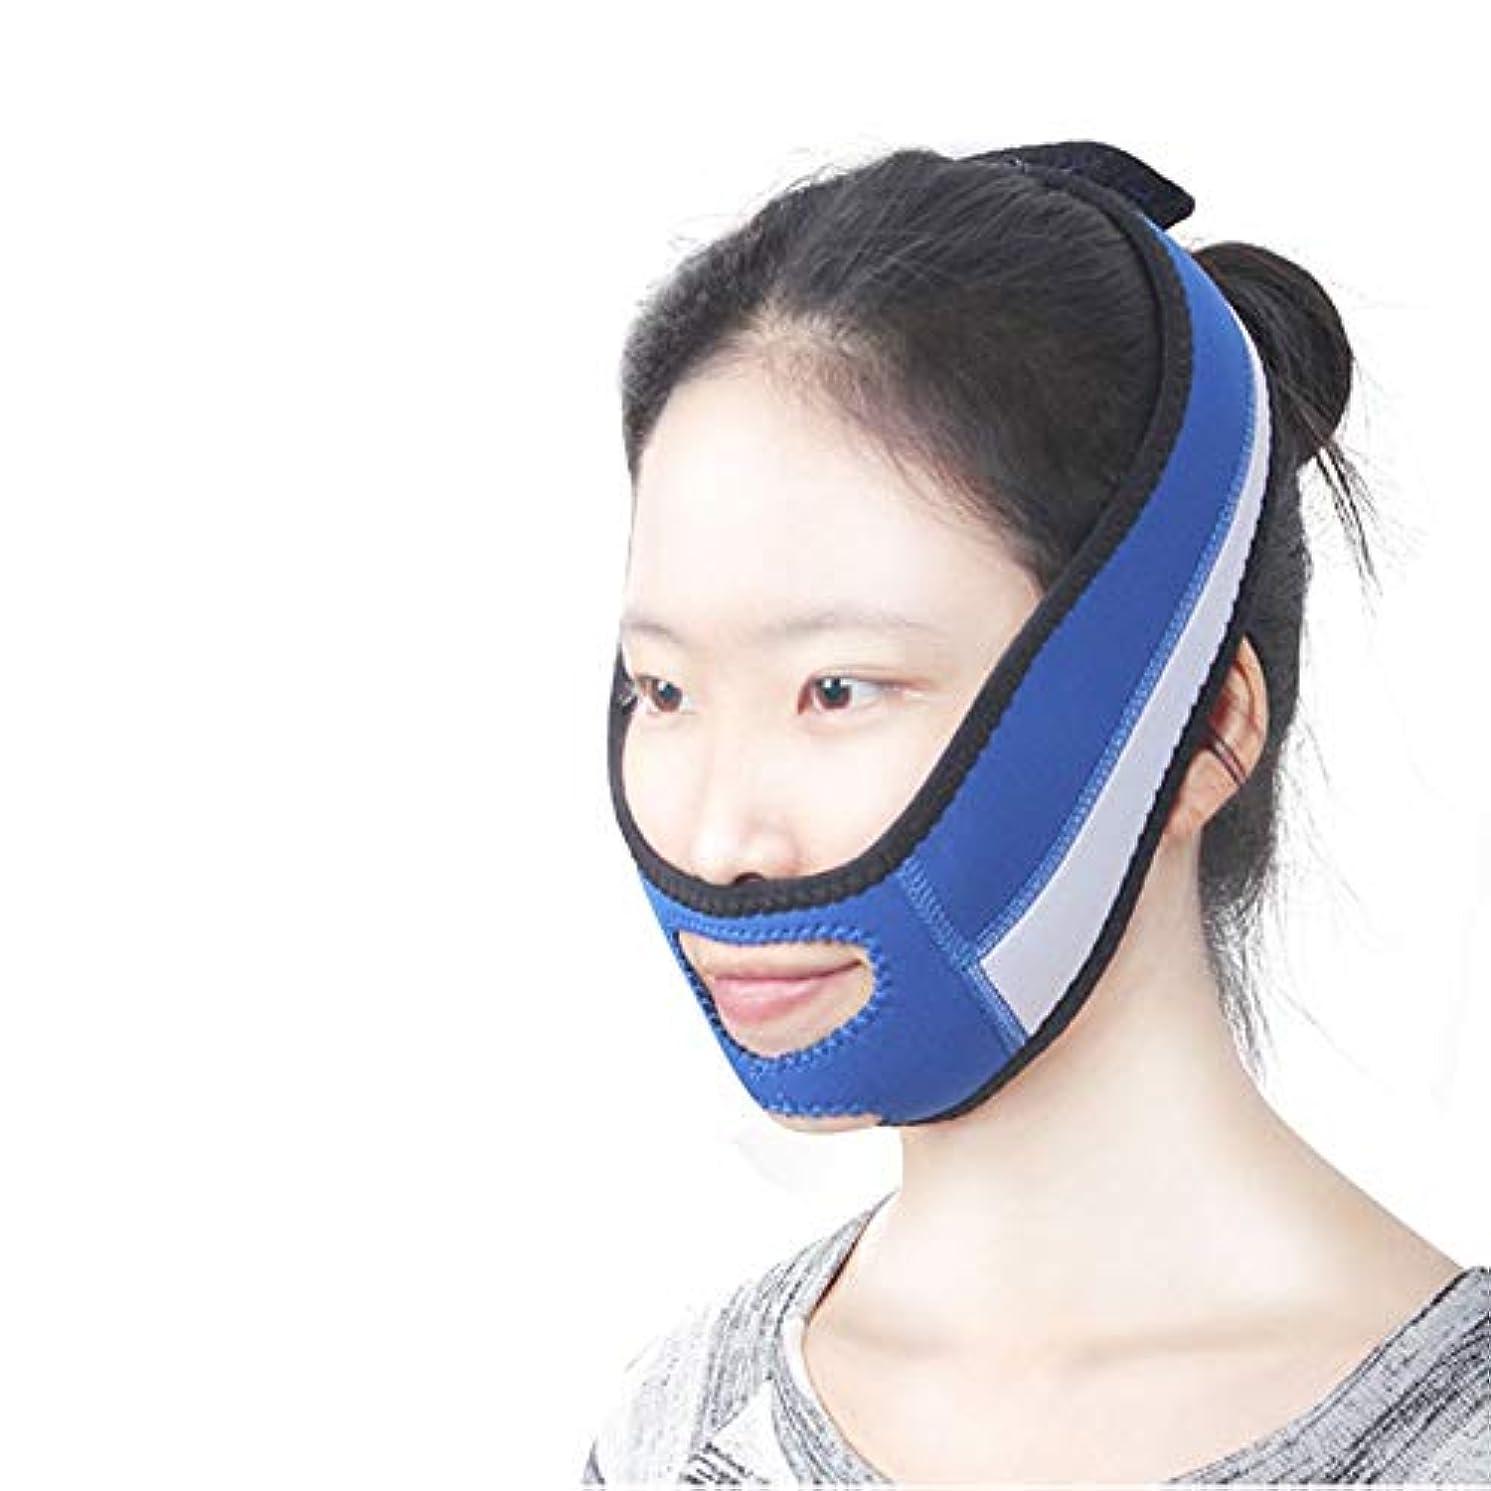 すずめラジウムあいさつWSJTT V字型スリミングフェイスストラップをマスクネックリフトテープフェイススリムパッチフェイススリミングベルトチークマスクリフトV顔ラインスリムを持ち上げるダブルチンリデューサーVラインマスク